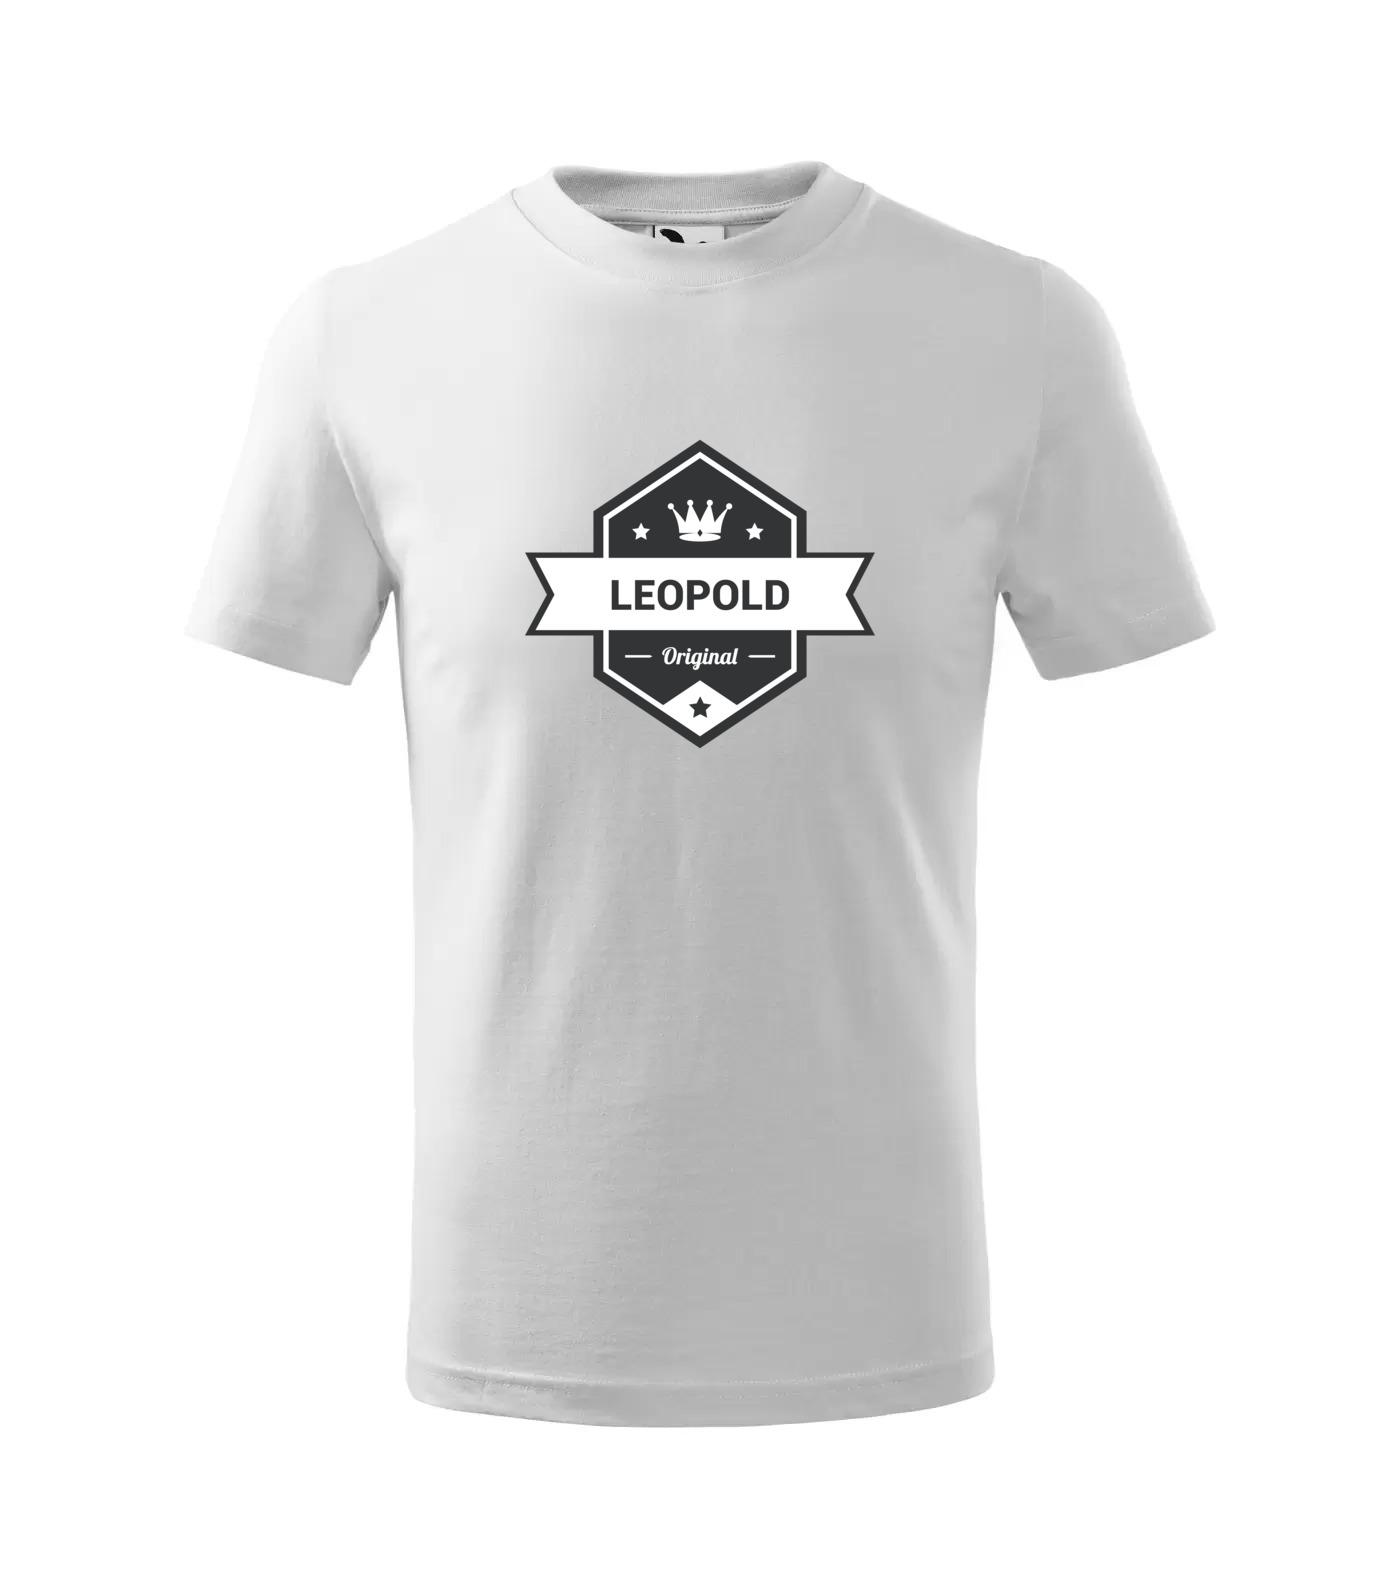 Tričko King Leopold